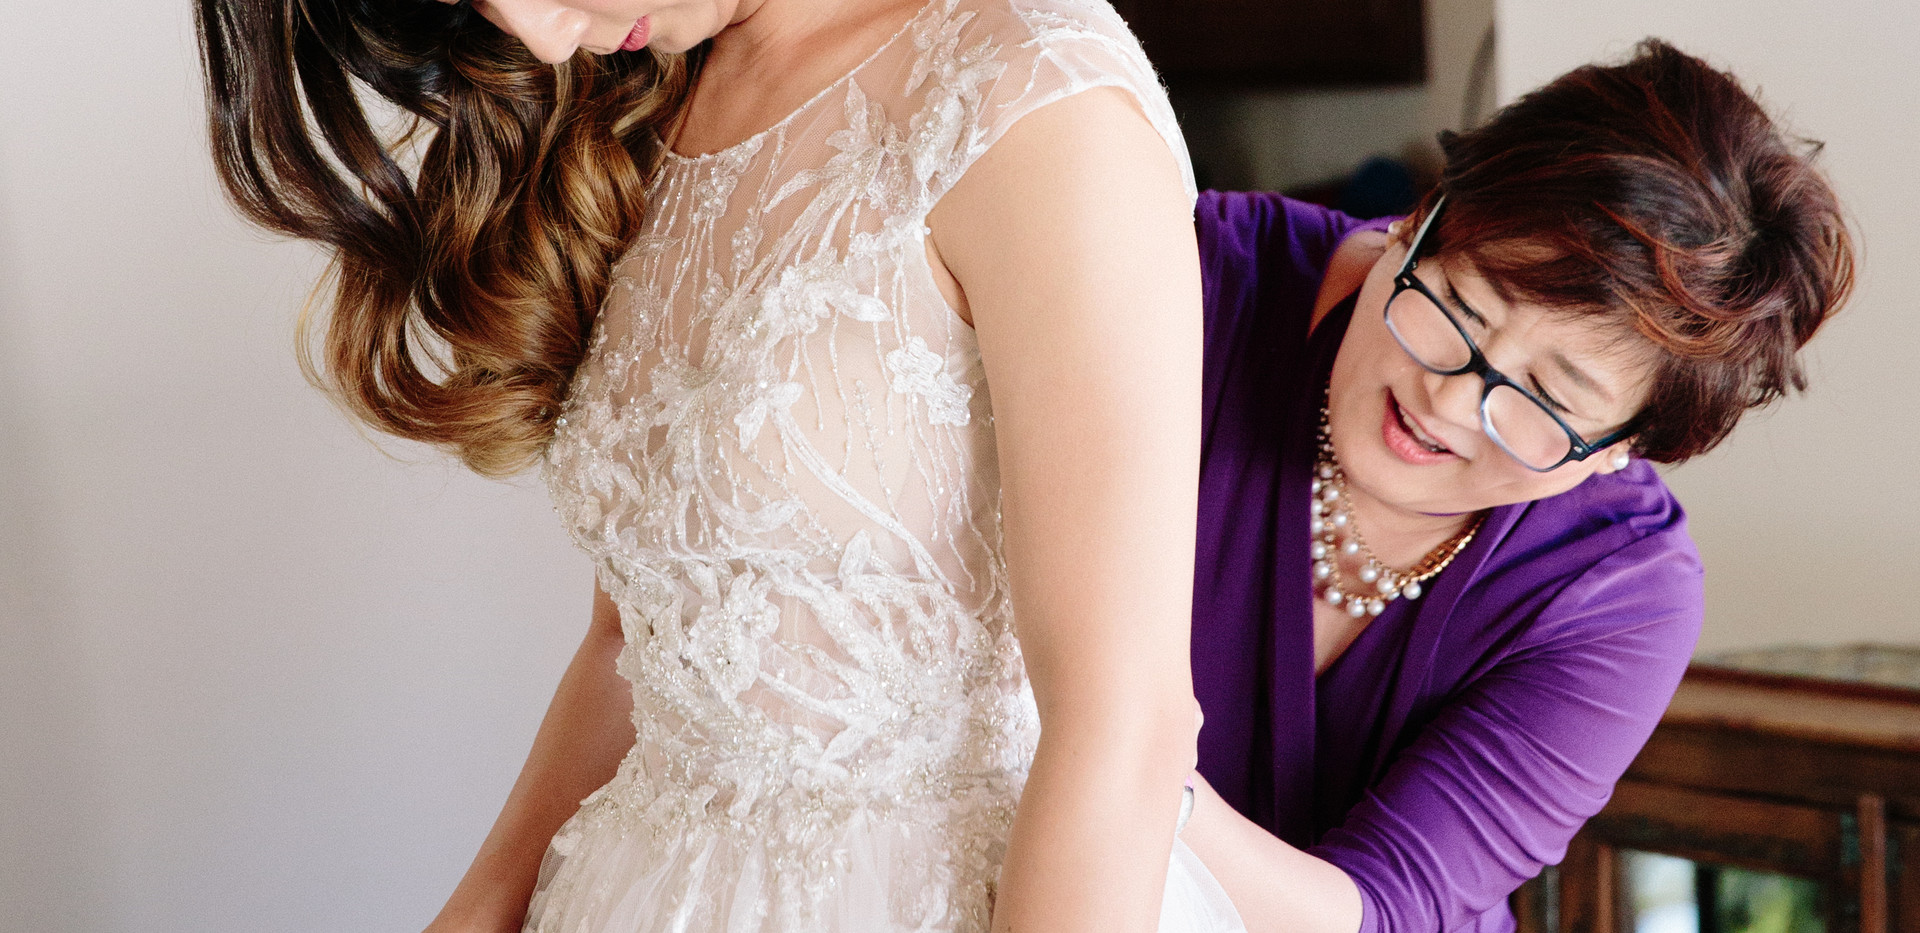 Lace Wedding Dress at Quail Ranch